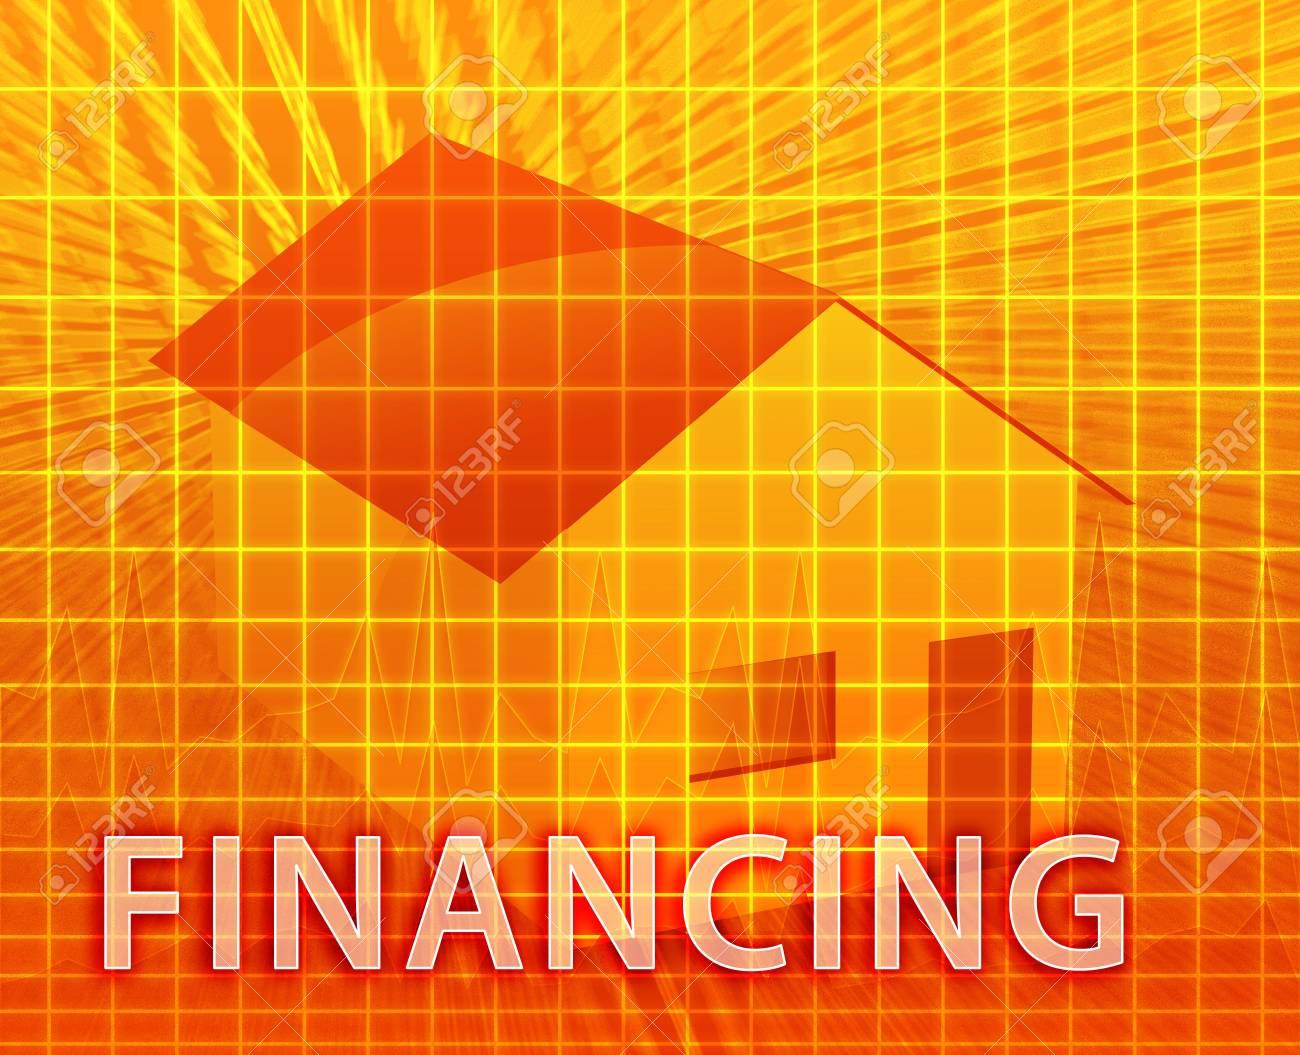 House financing digital collage illustration, subprime loan Stock Illustration - 5648217